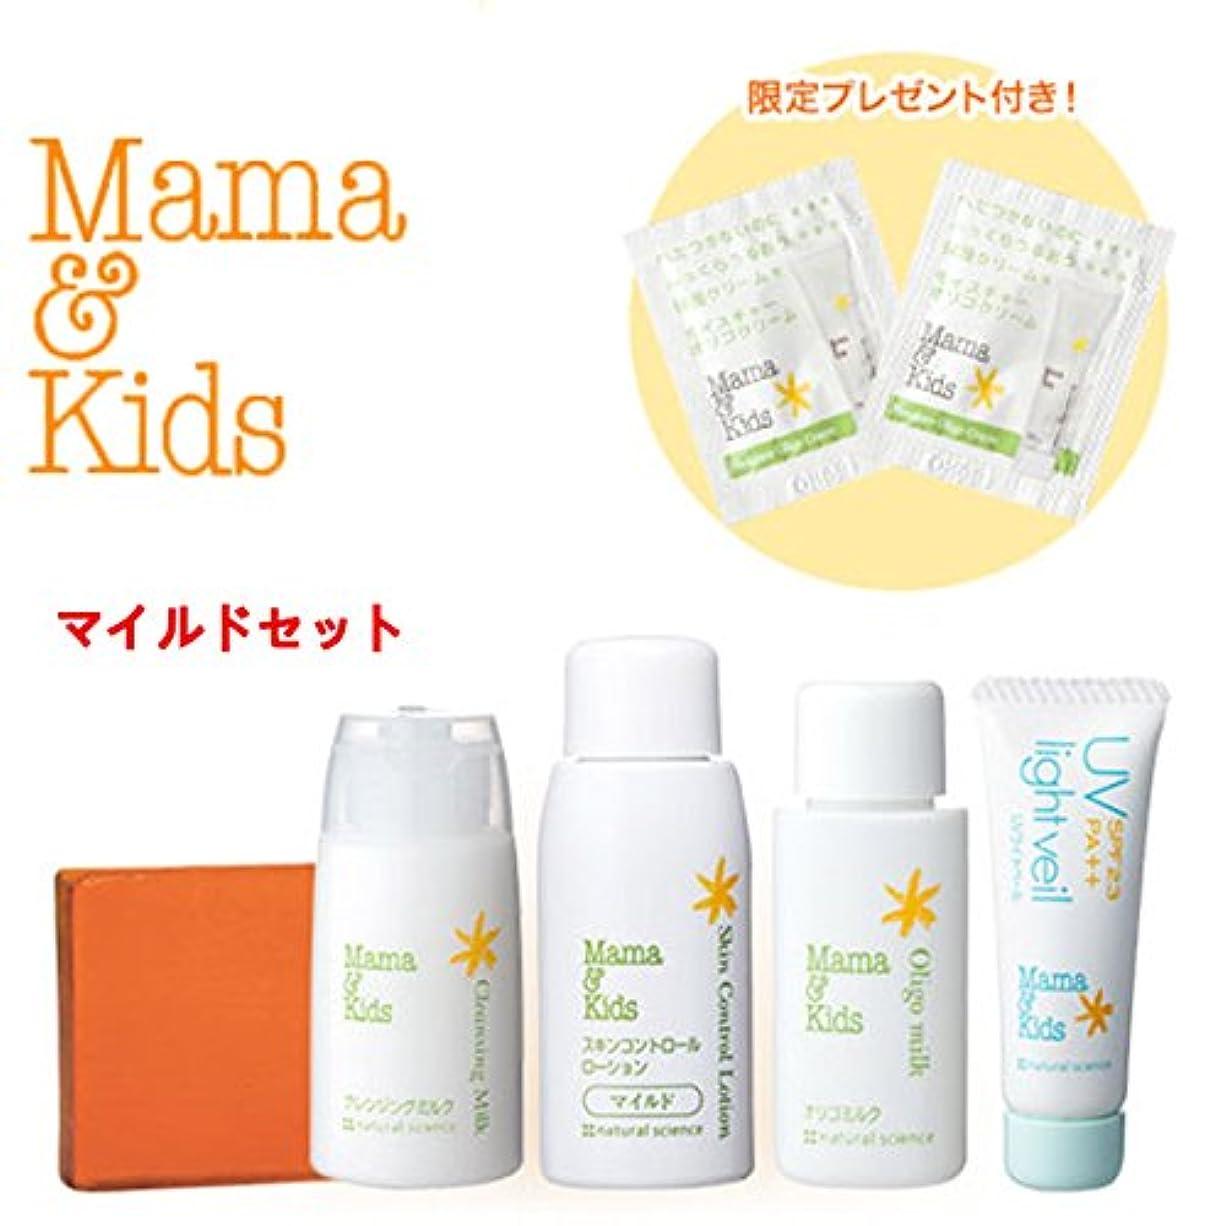 参加者怒っている小康ママ&キッズぷるぷるお肌トライアルセット(マイルド)/Mama&Kids SkinCare Travel set/孕期基础护肤试用装普通保湿